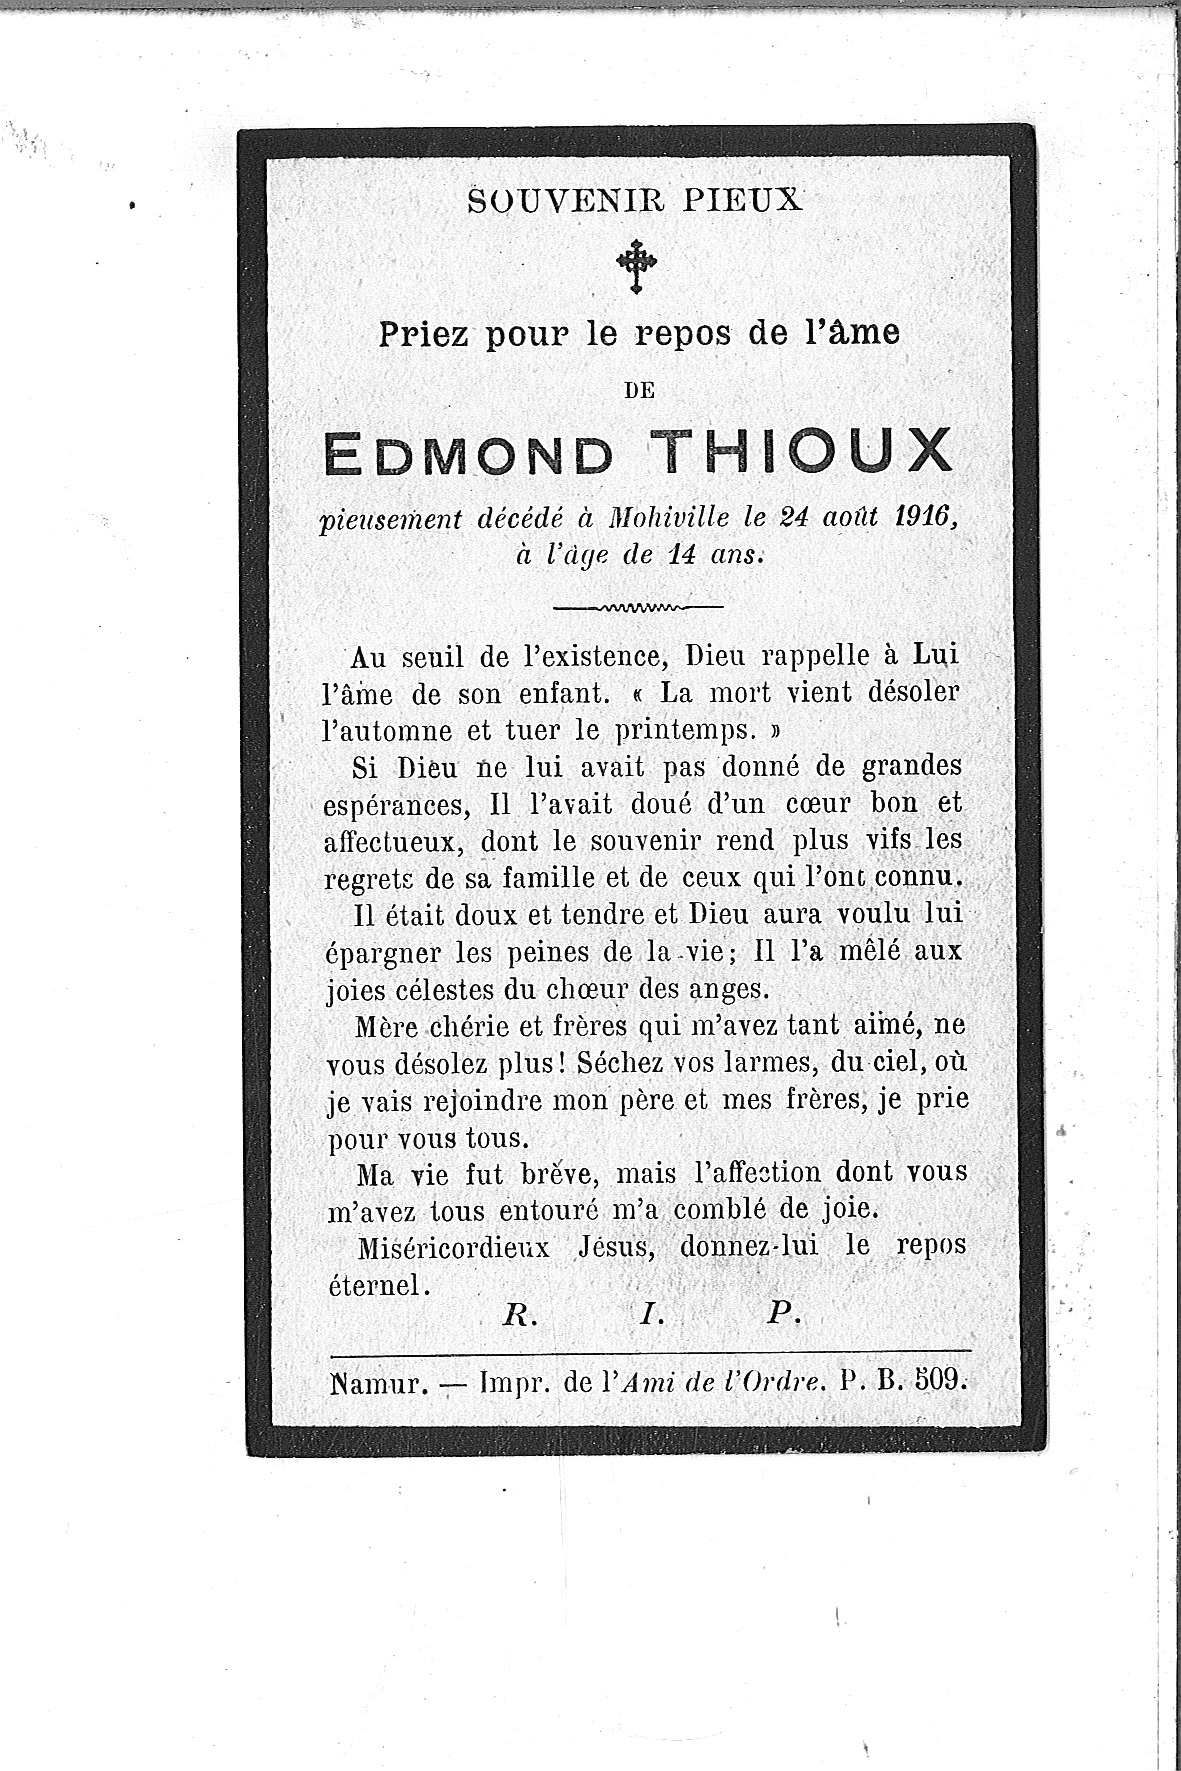 Edmond(1916)20140825083222_00136.jpg